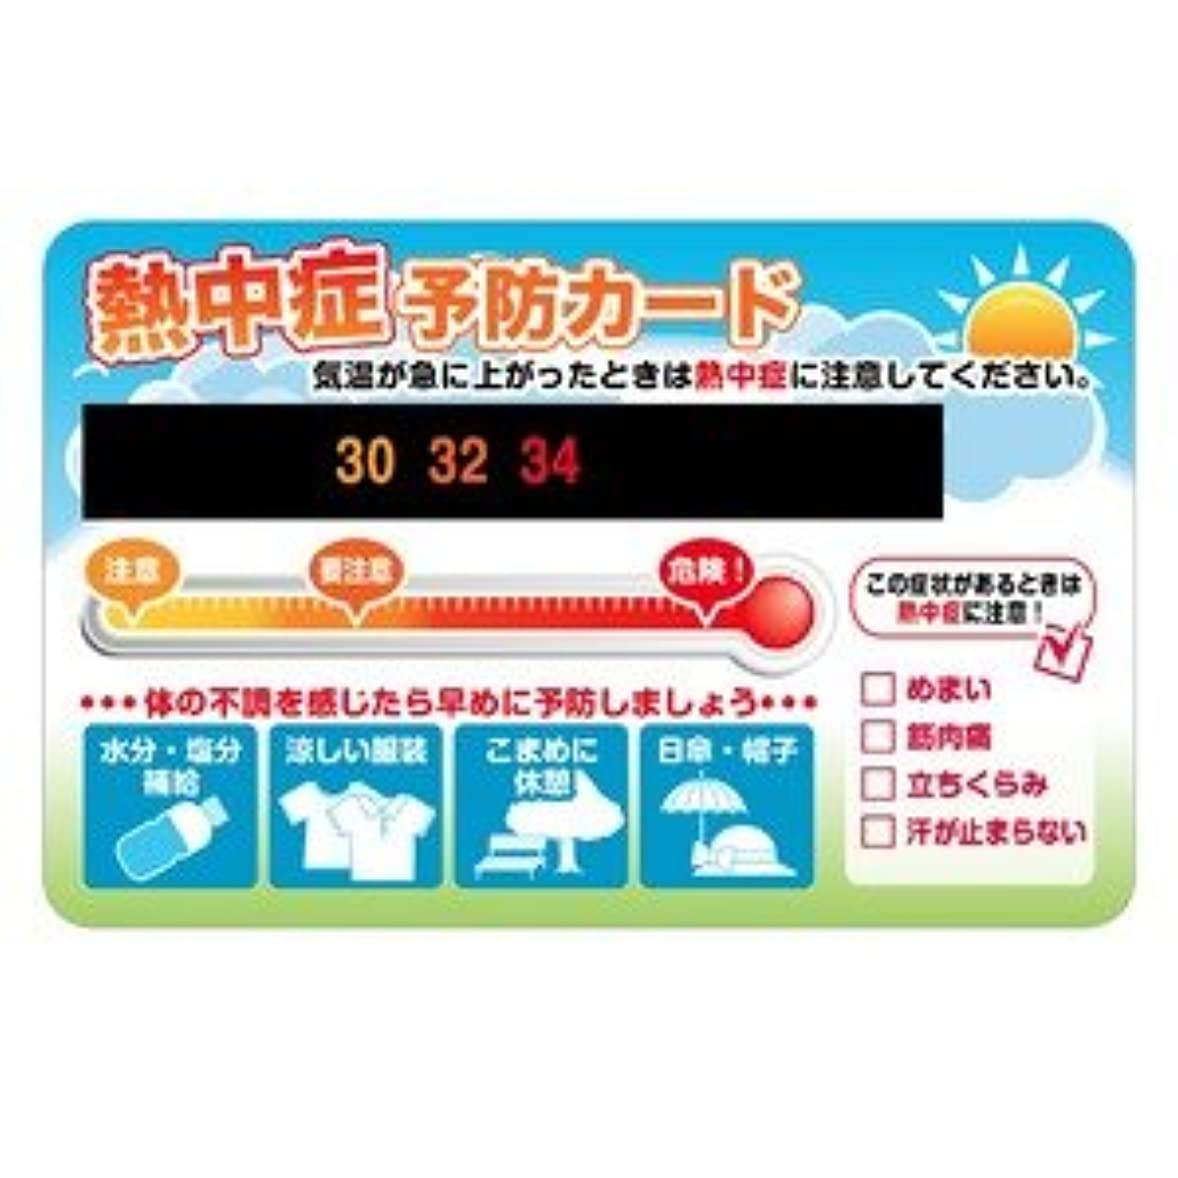 ビバインサート輸血熱中症予防カード?NE2 【100枚セット】 熱中症対策